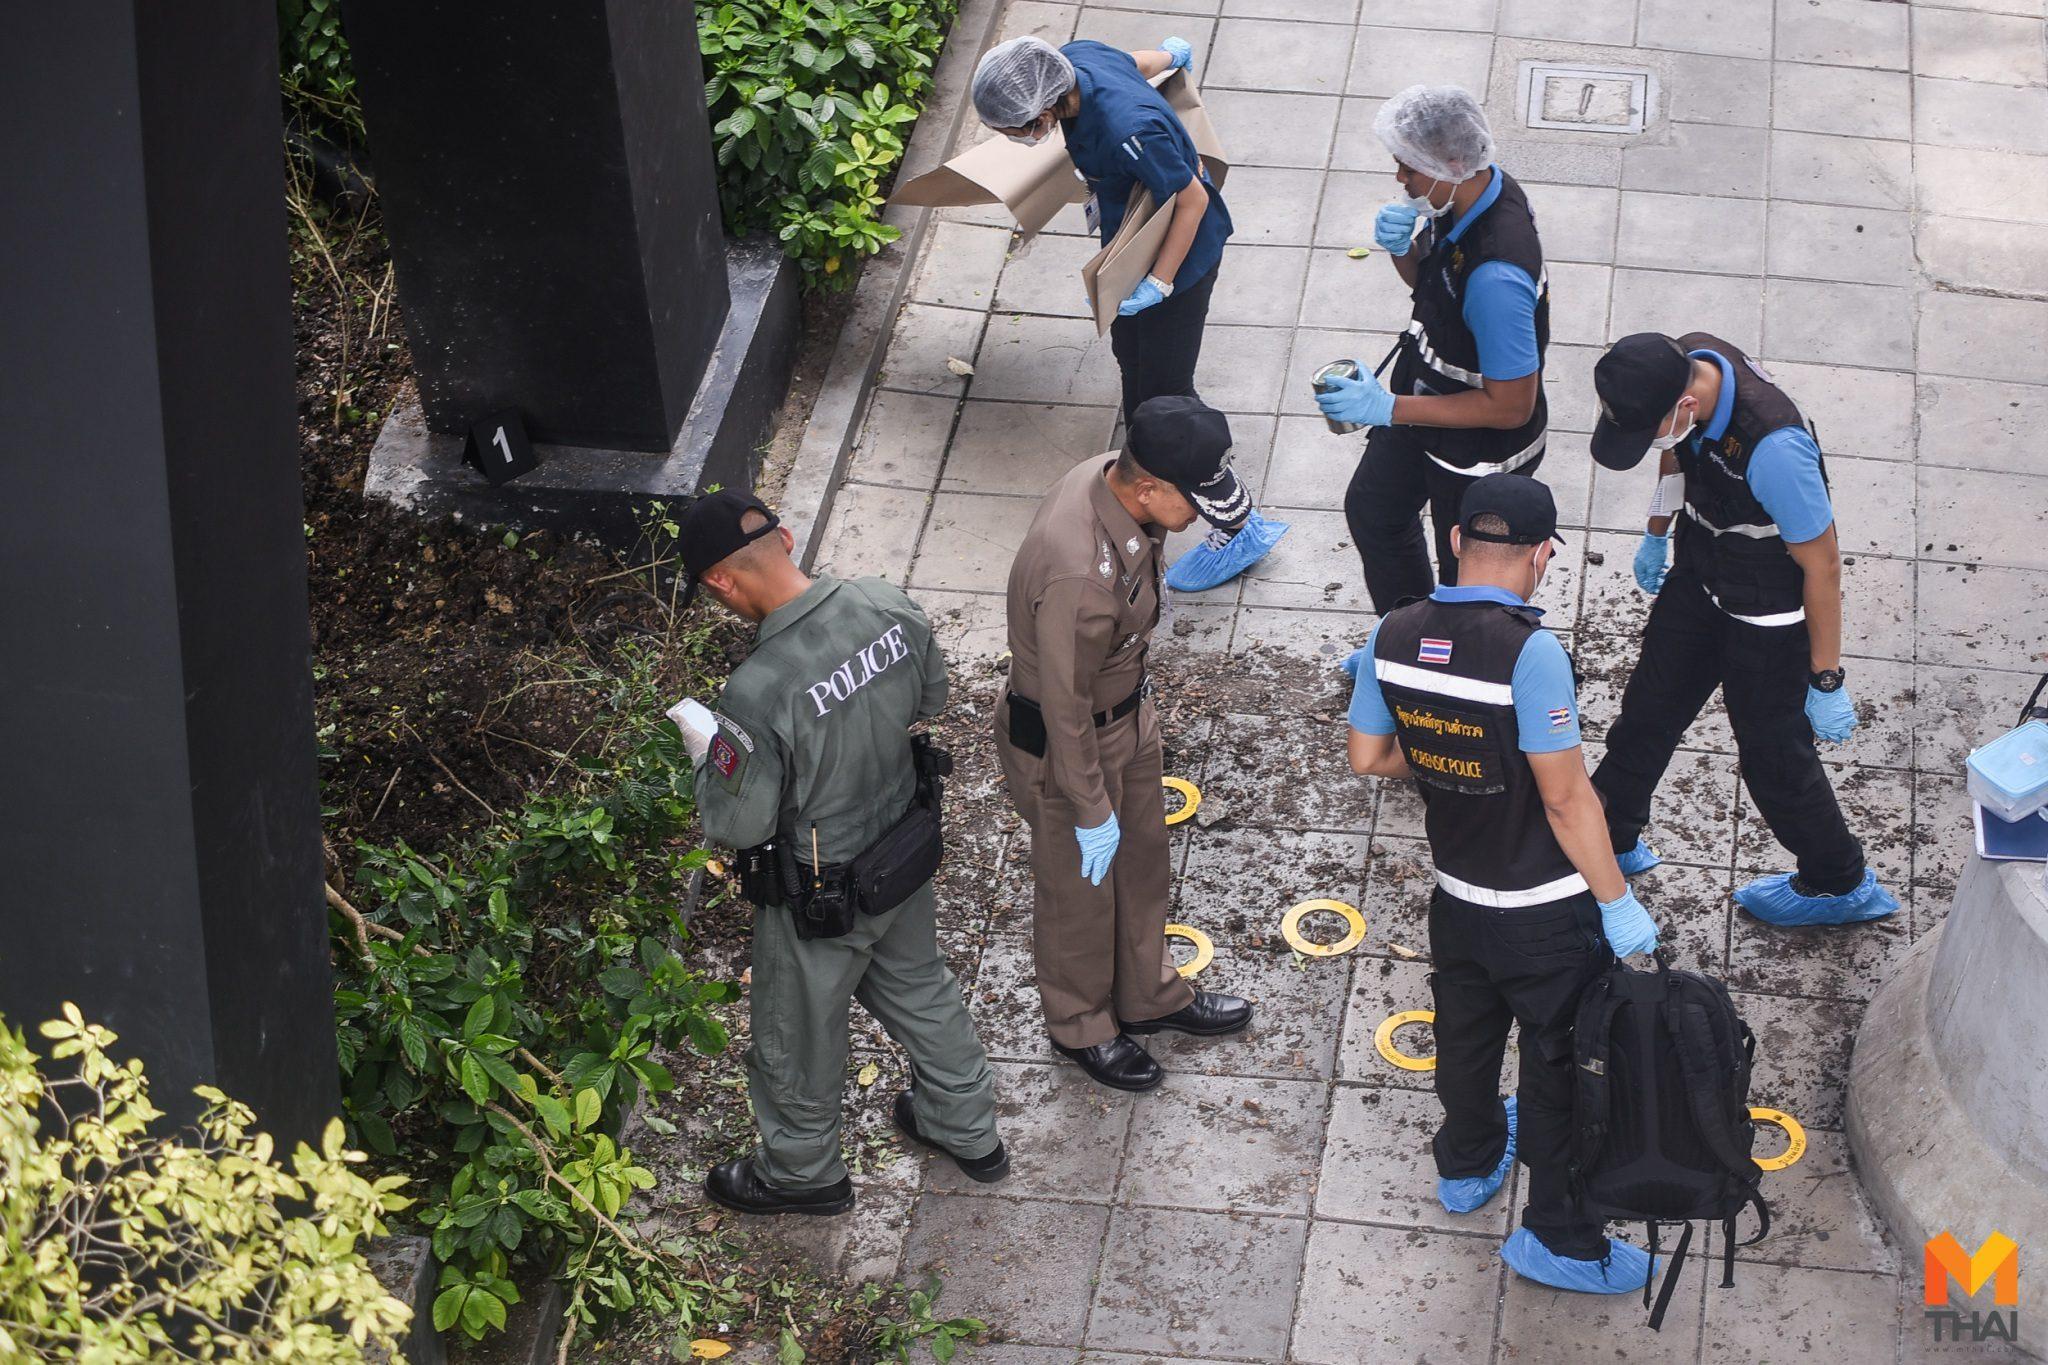 นักการเมือง-คนดัง แห่โพสต์ หลังเกิดเหตุระเบิดป่วนกรุง